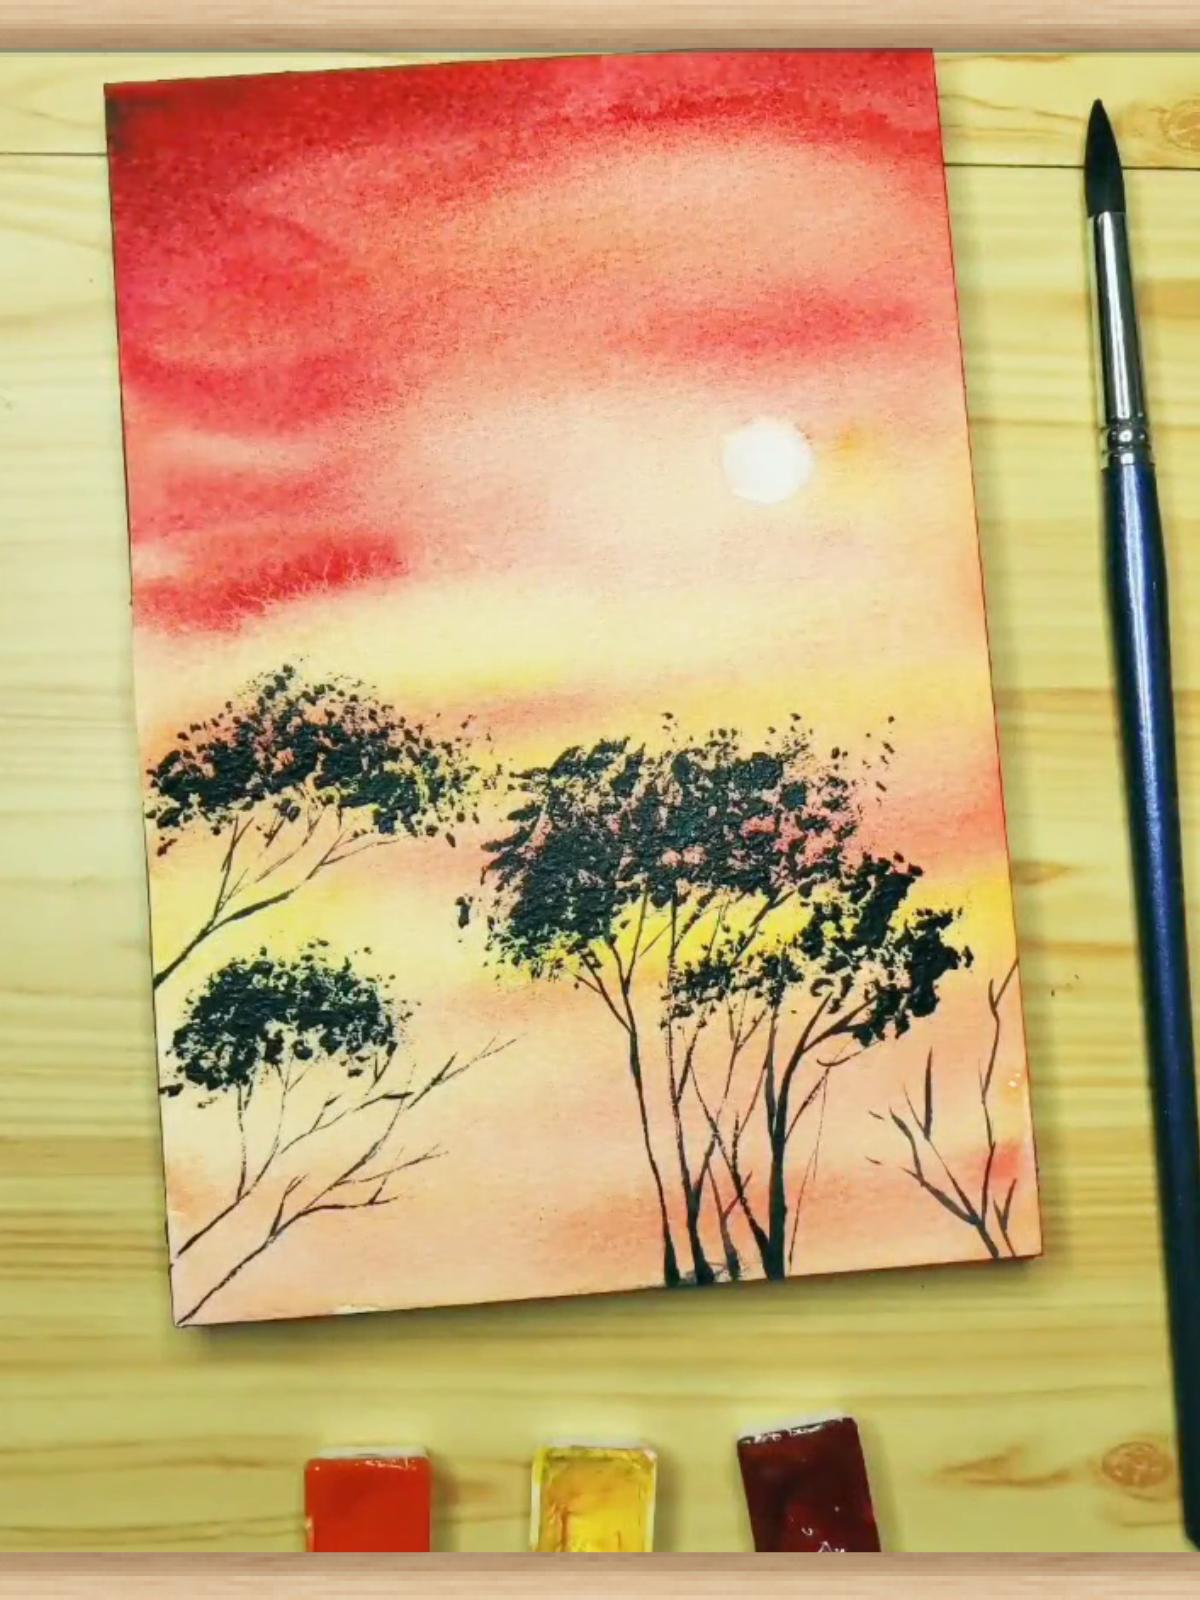 14 لوحة مائية سهلة وجميلة أفكار الرسم بالألوان المائية للمبتدئين Https A Tracteur Cf Beginning Watercolor Watercolor Paintings Watercolor Paintings Easy